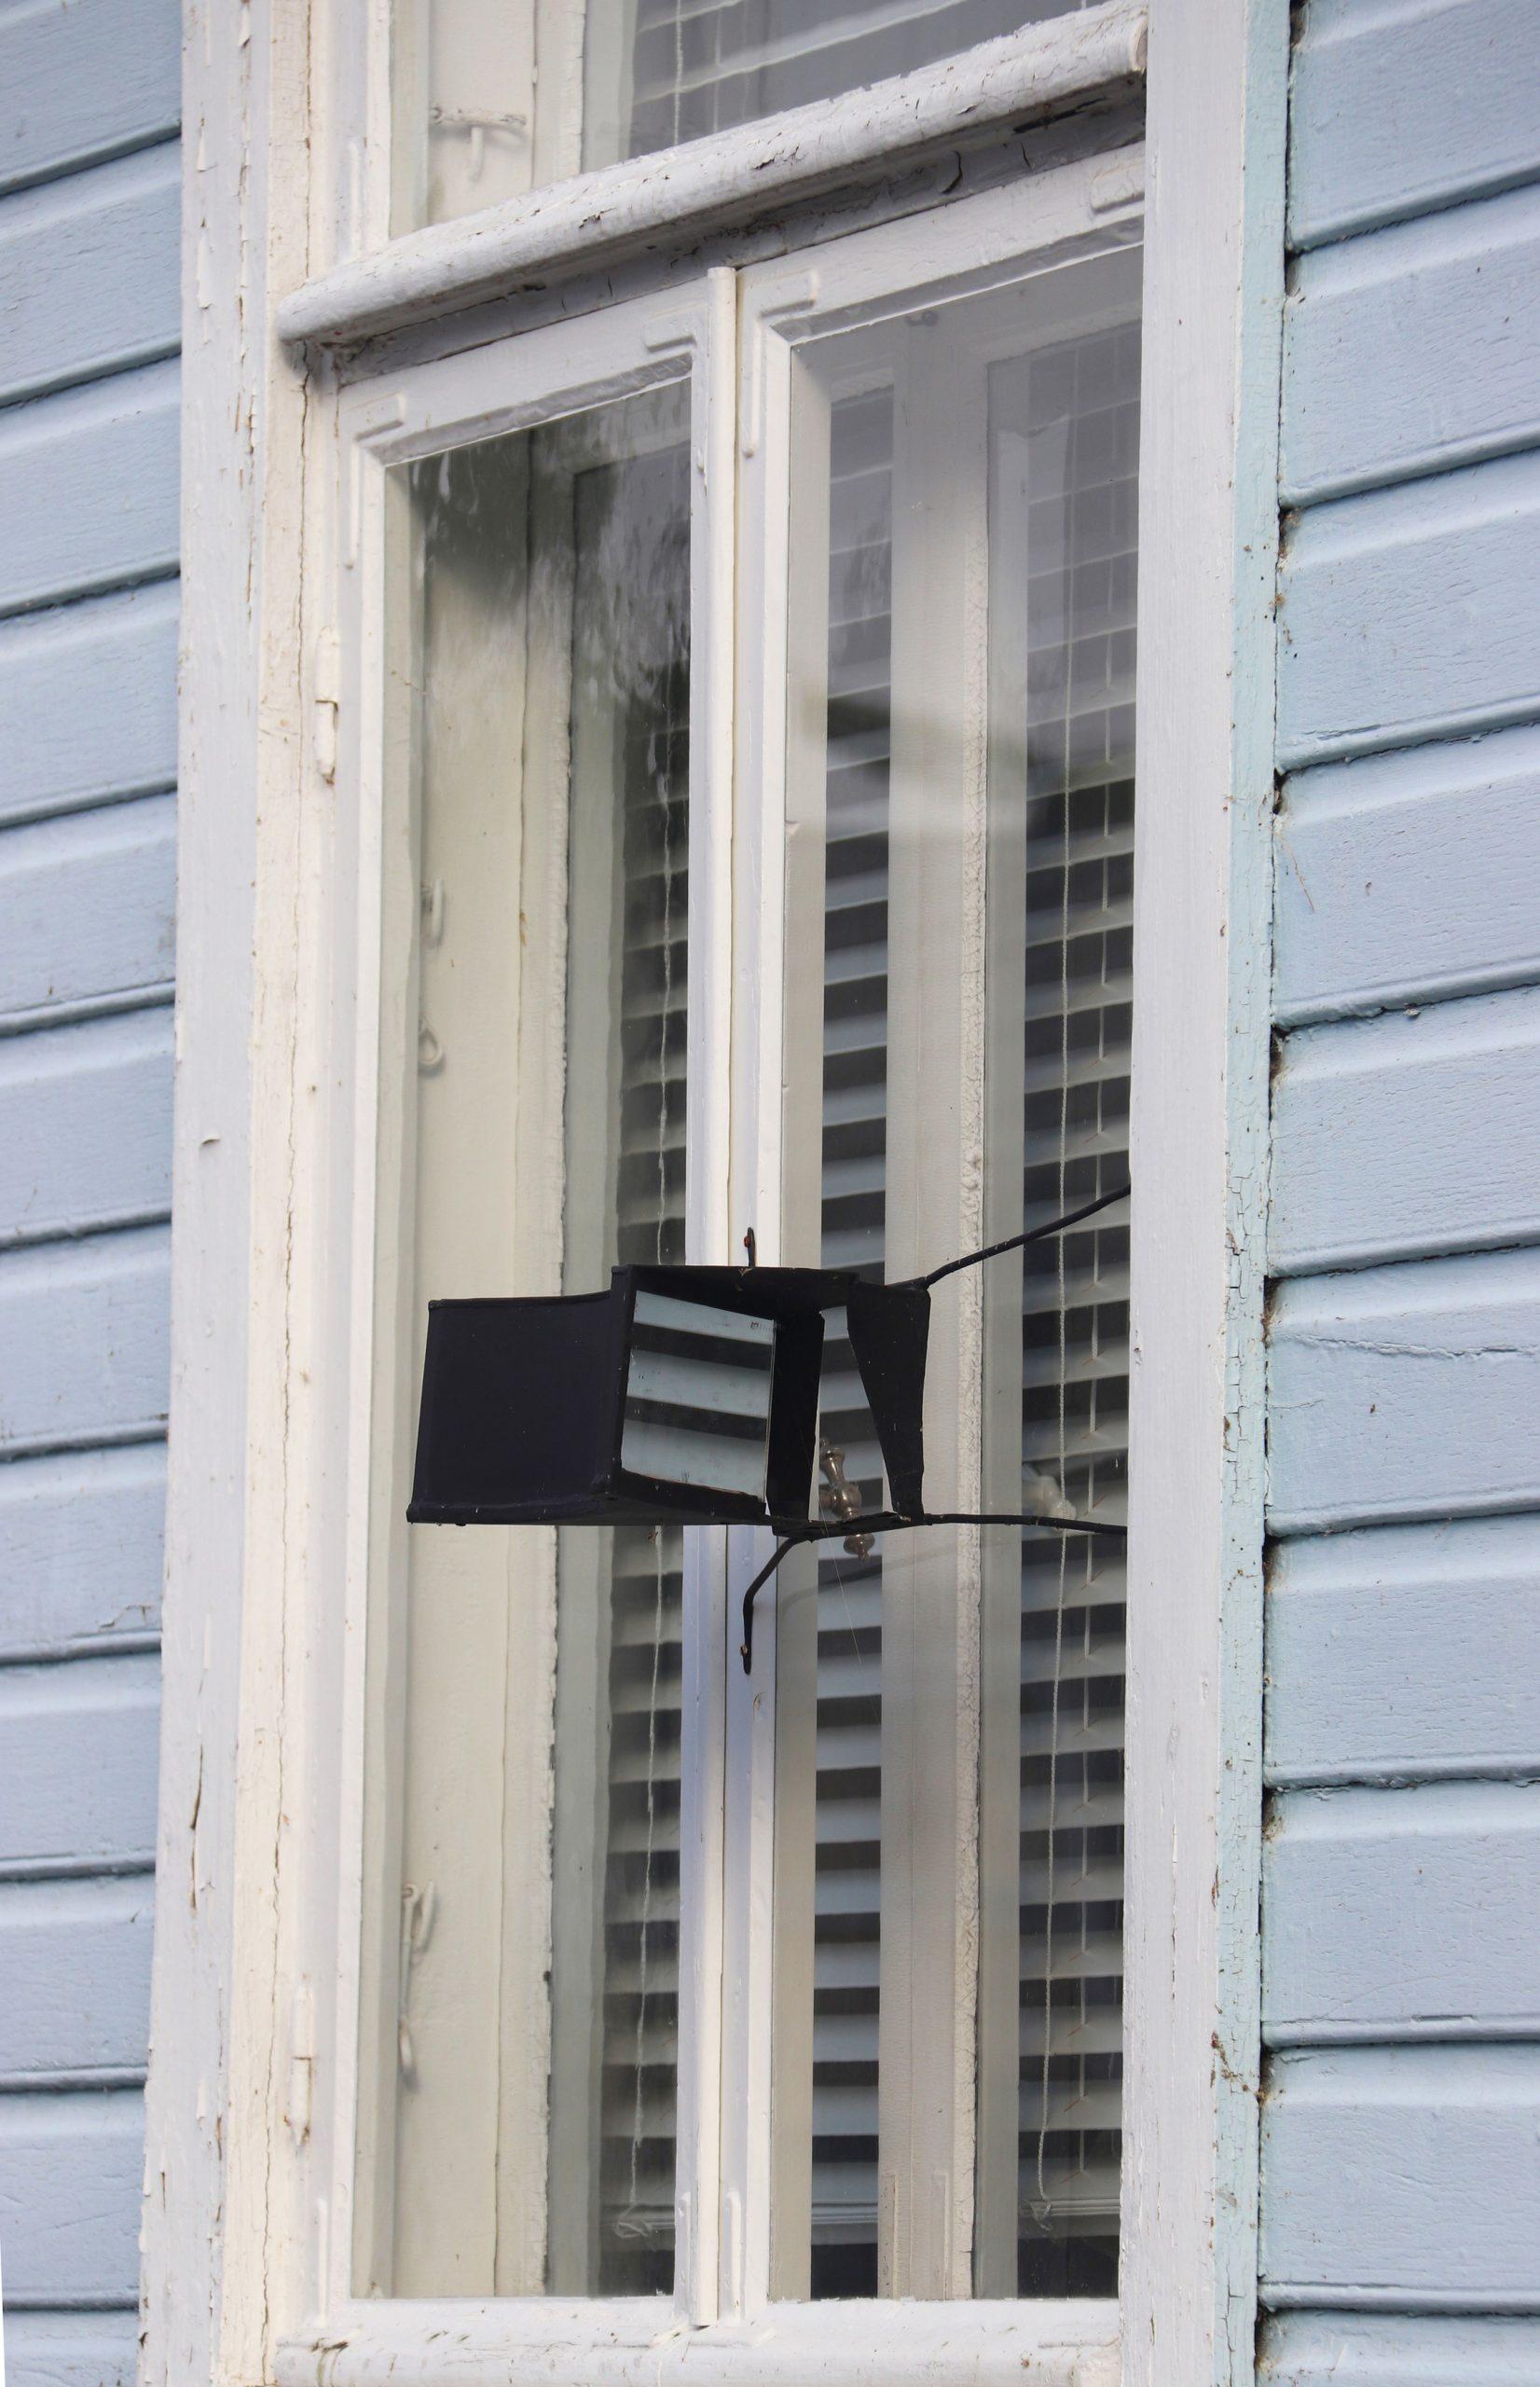 Ogovarajući prozor